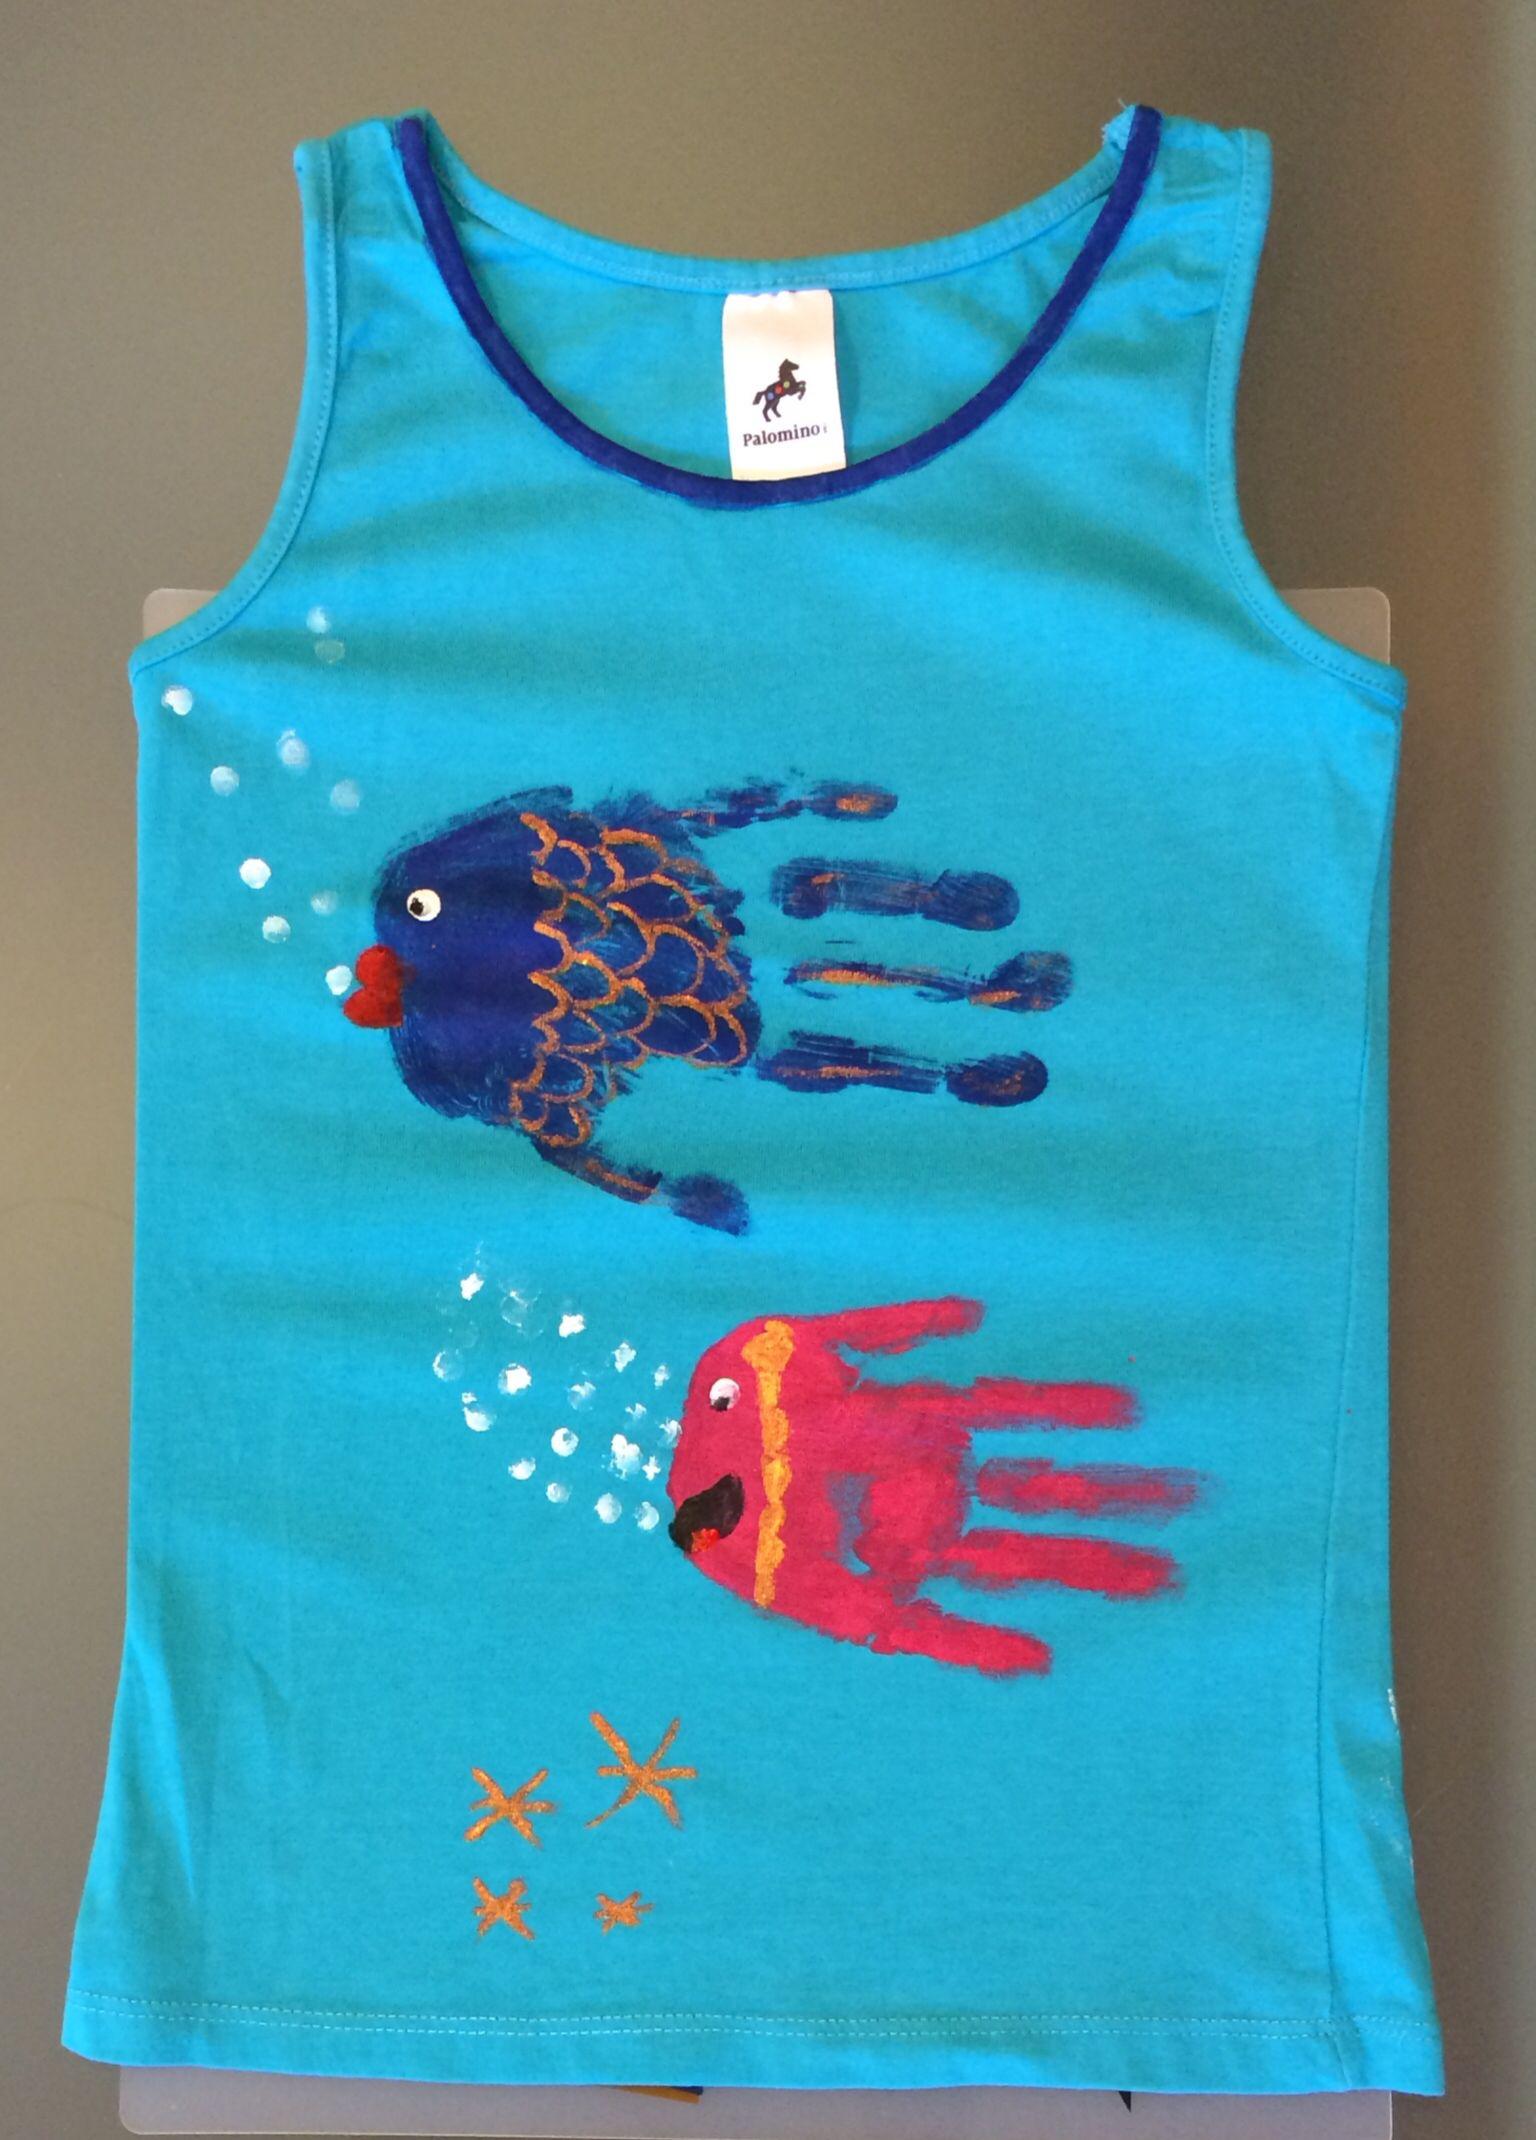 Camiseta pintada a mano hecha por in s y cdalia - Pintura para camisetas ...